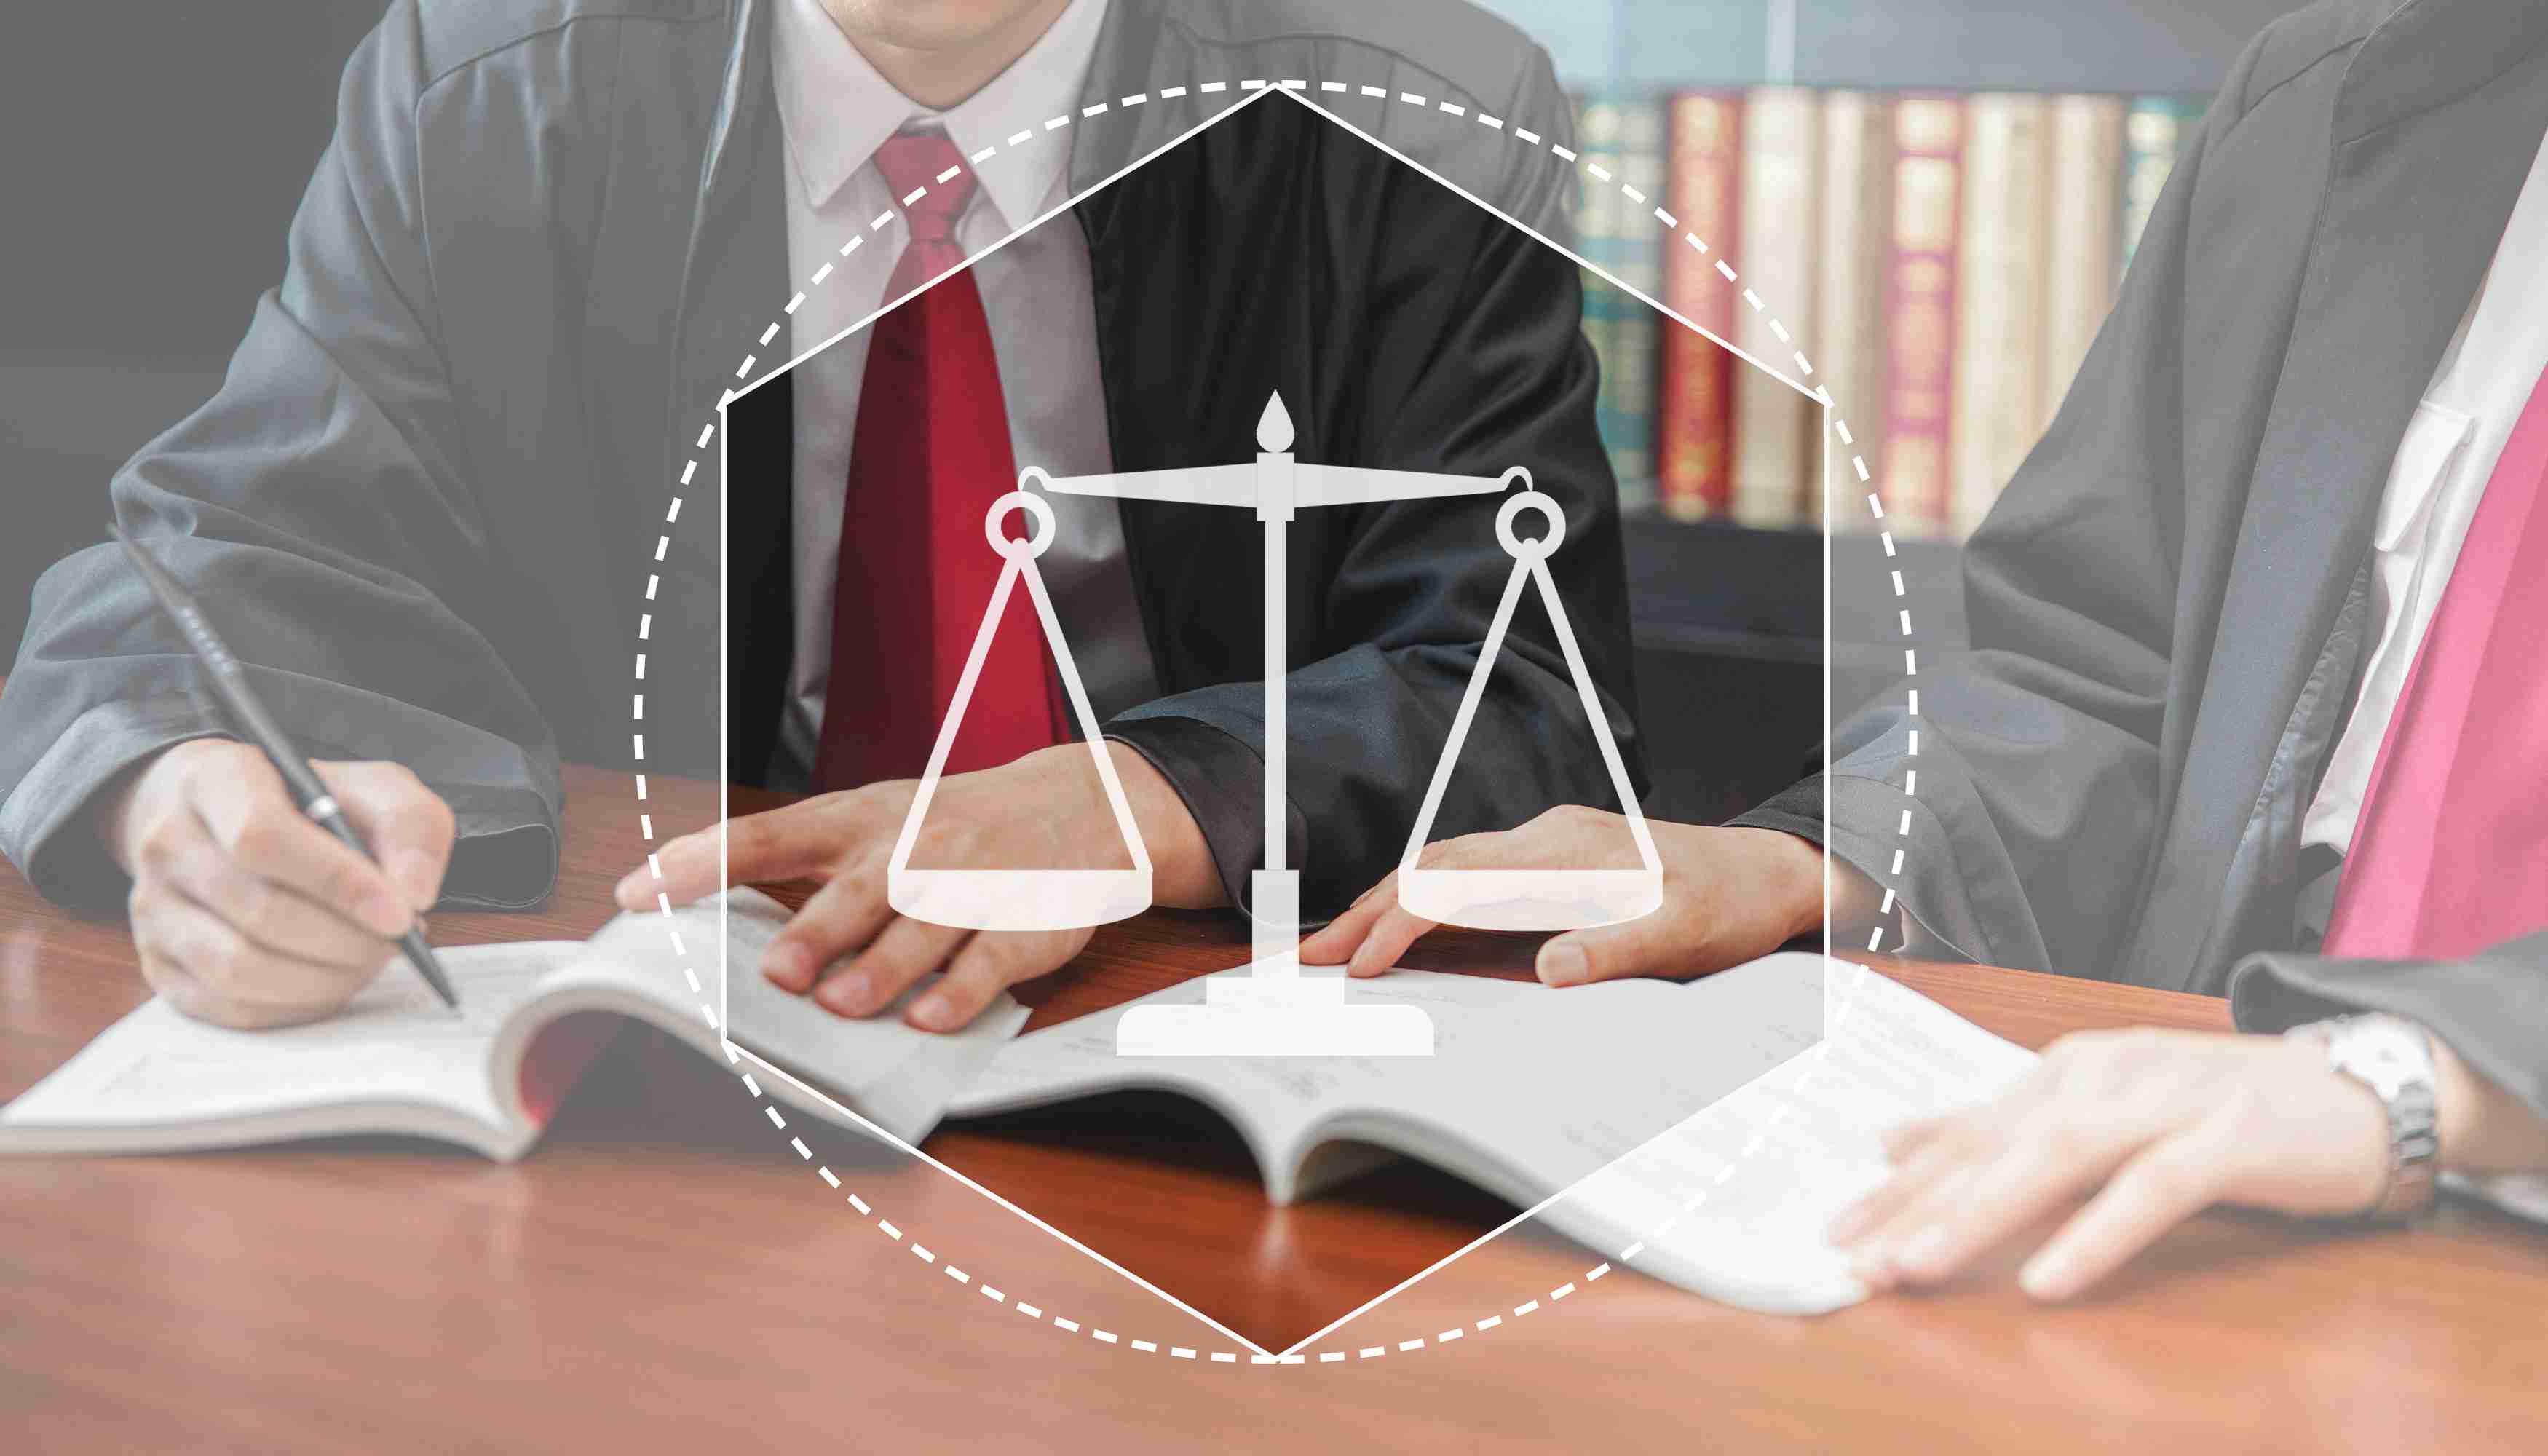 企业商标侵权会受到什么赔偿处罚